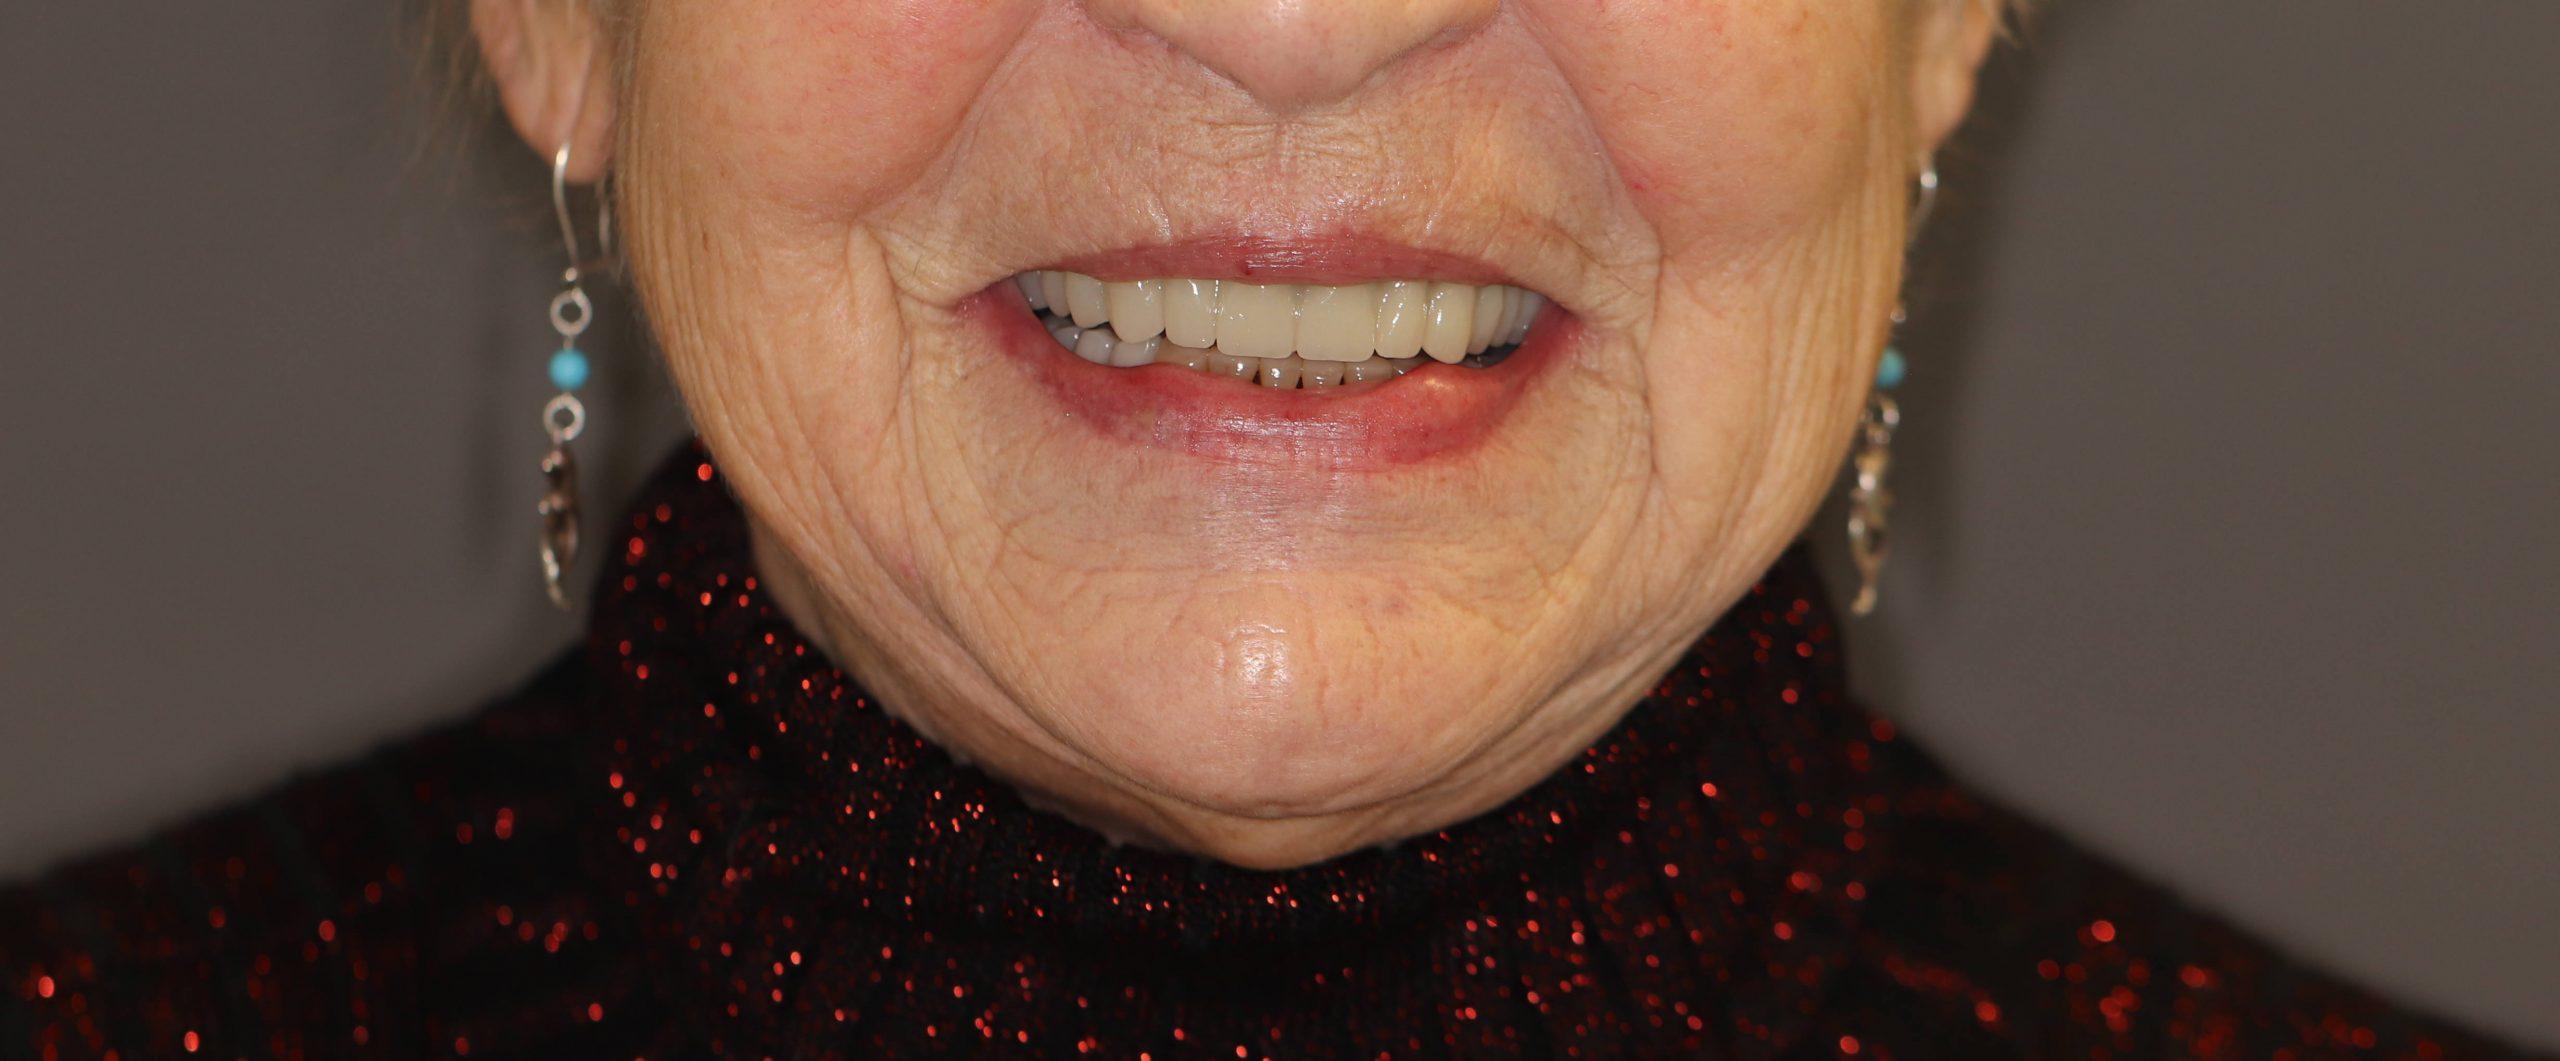 Daryta: all on 4 viršutinio žandikaulio implantacija, per savaitę pagamintas nuolatinis prisukamas protezas – titano karkasas su akriline apdaila, plombuoti nusidėvėję apatinių dantų kraštai ir pagamintas išimamas apatinio žandikaulio protezas.   Vizitų skaičius: dantų šalinimas ir vienmomentė all on 4 implantacija bei trys vizitai protezavimui.  Atskitu vizitu plombuoti nusidėvėjusių dantų kraštai ir prireikė dar 3 vizitų apatinio žandikaulio išimamo protezo gamybai.